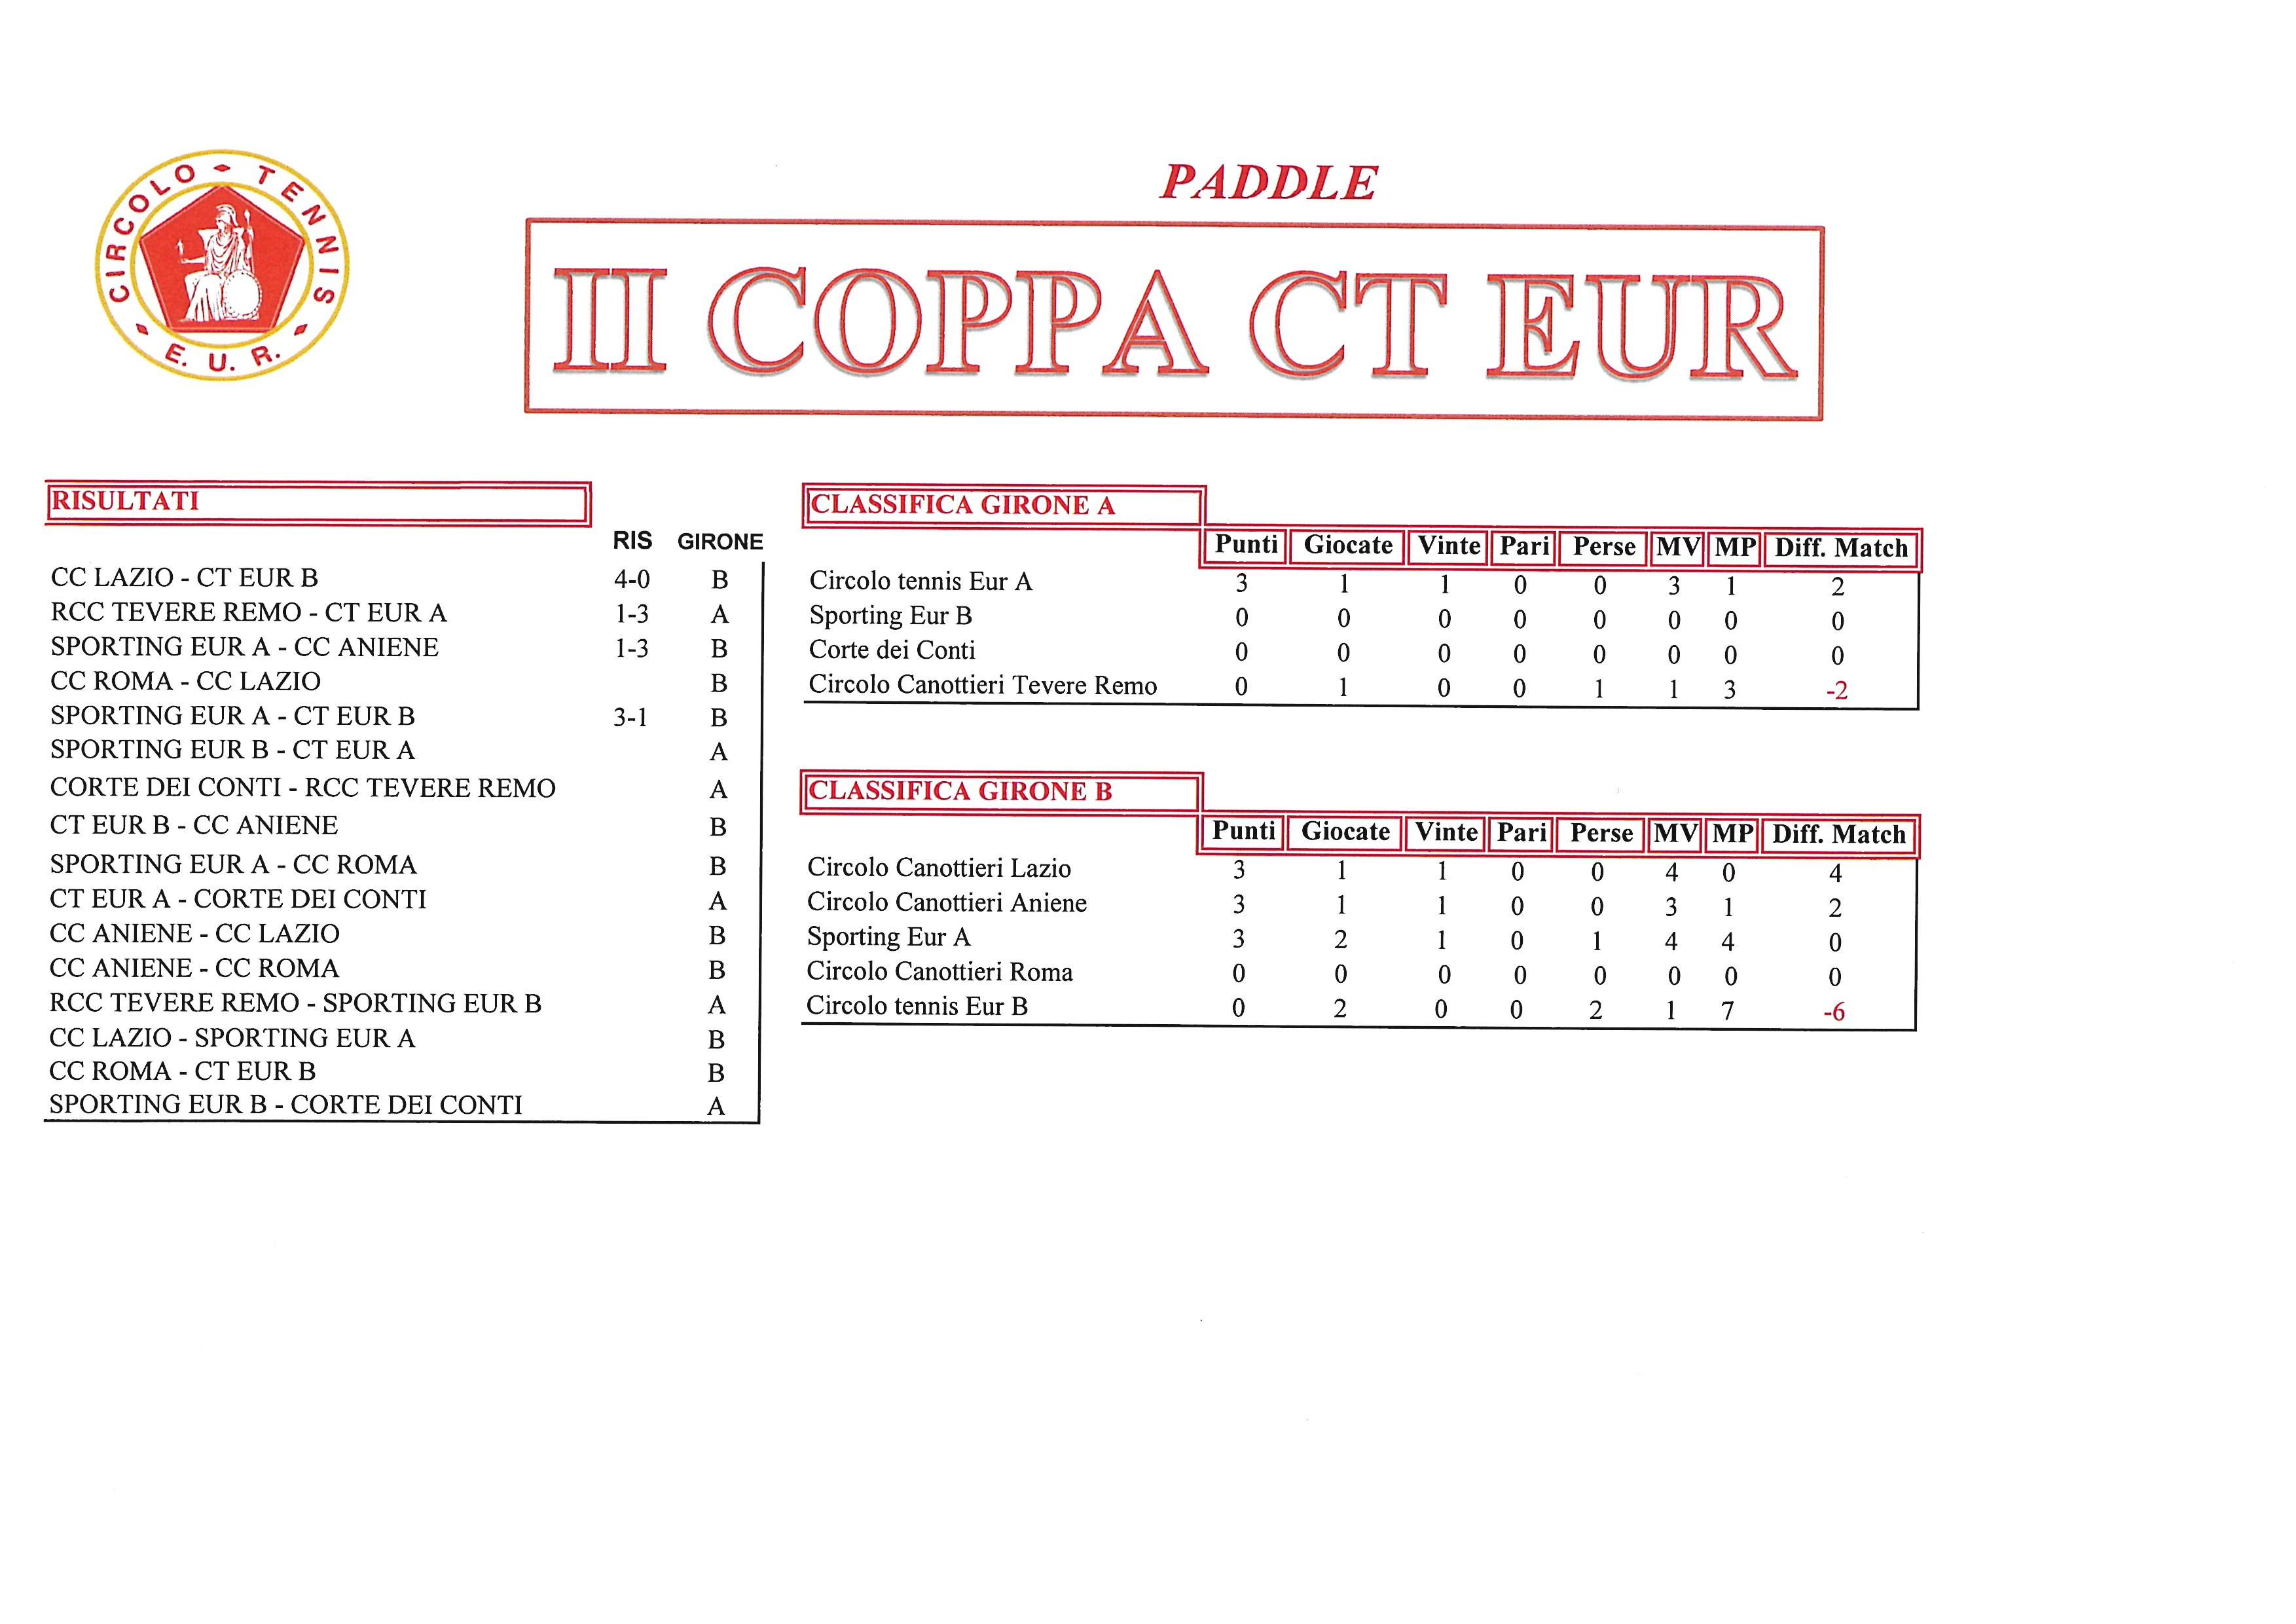 Coppa-CT-Eur-risultati-del-26-settembre-2017-Paddle